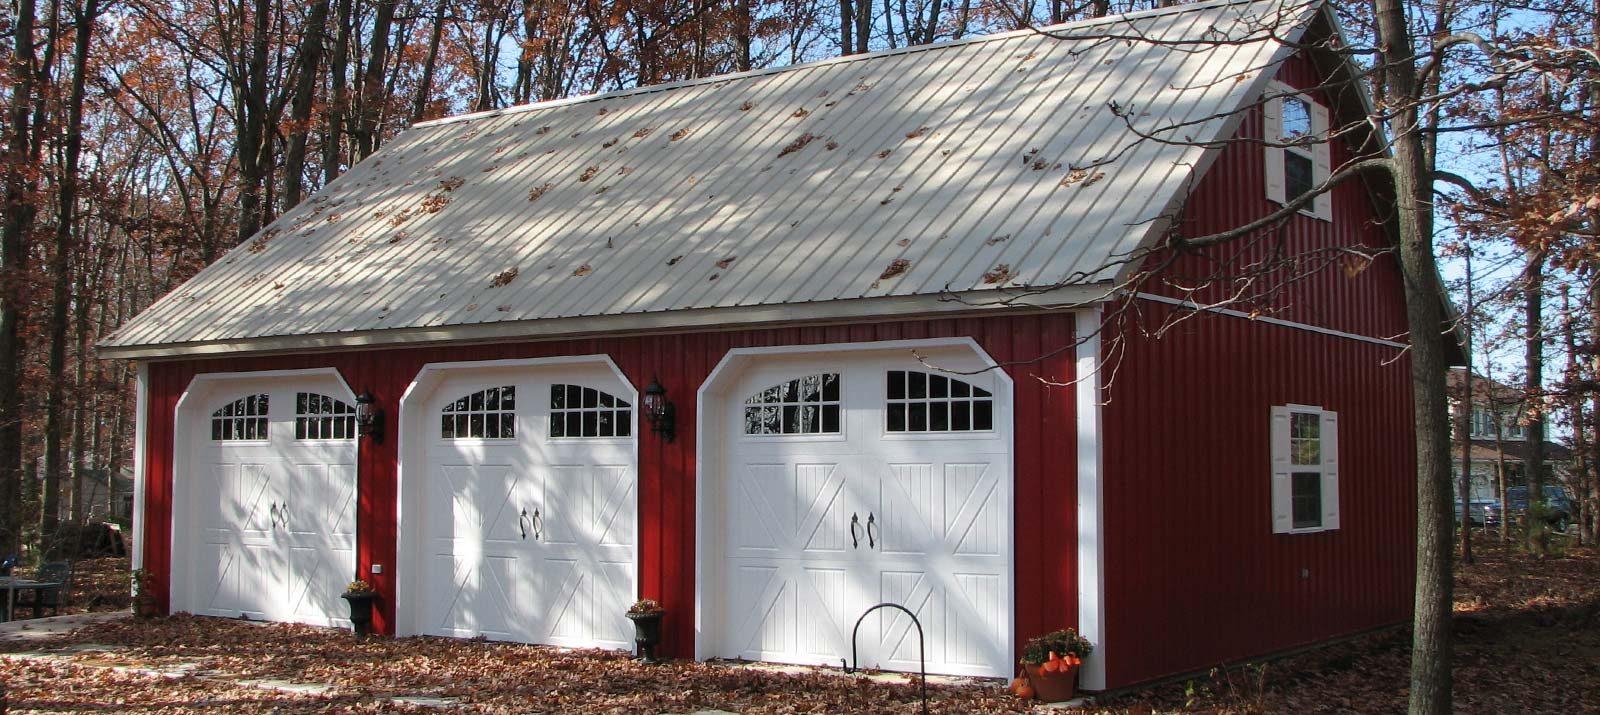 cb-slider-garages-storage-1